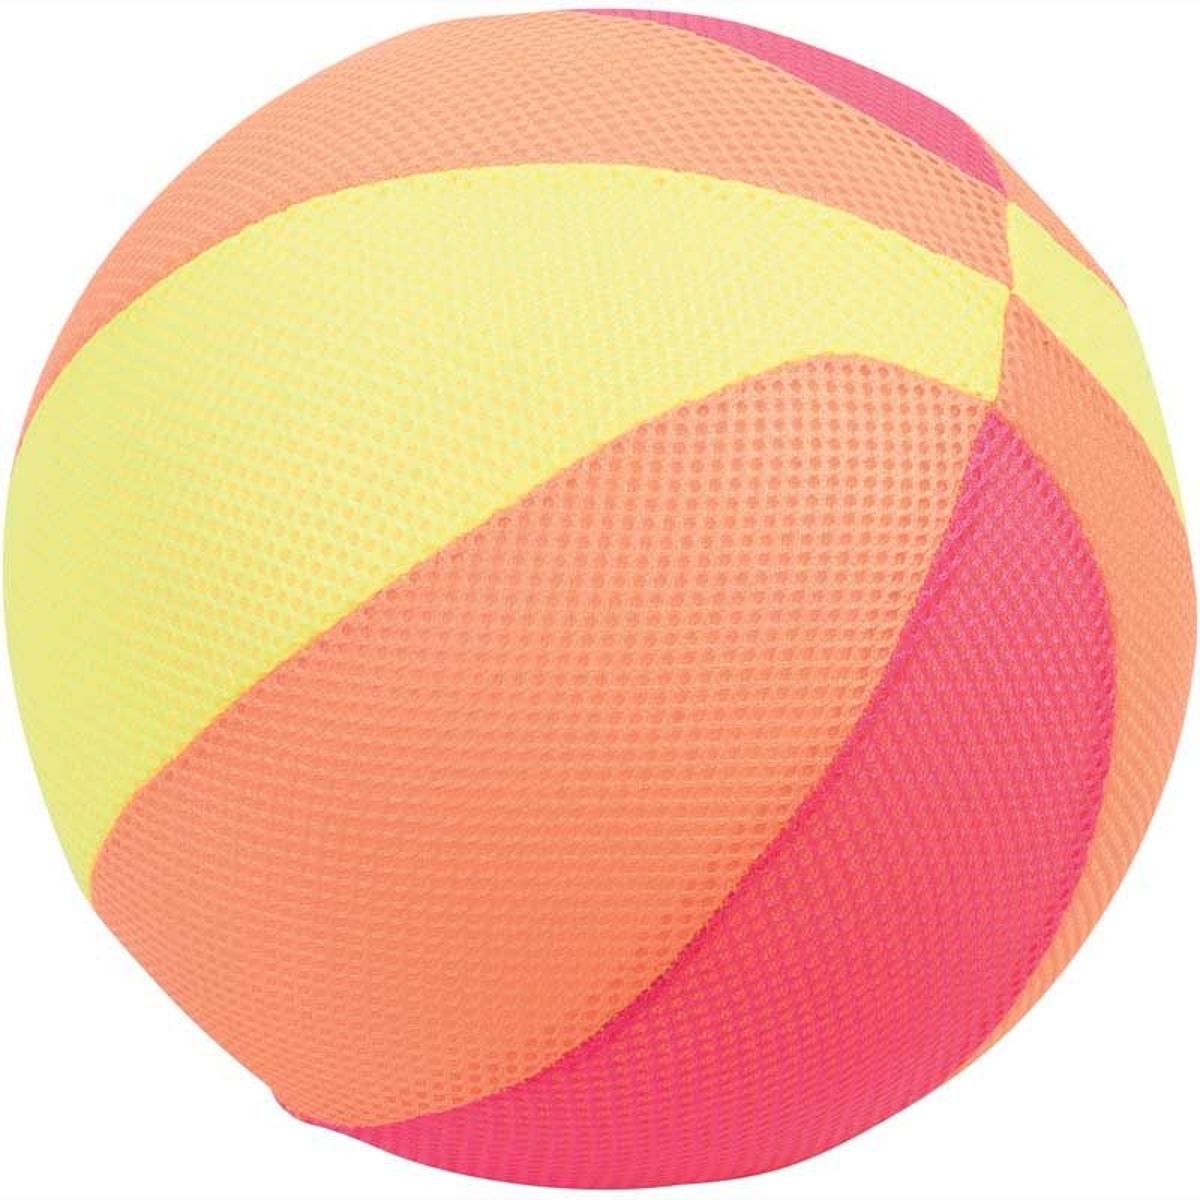 Ballon cousu en tissu 23cm